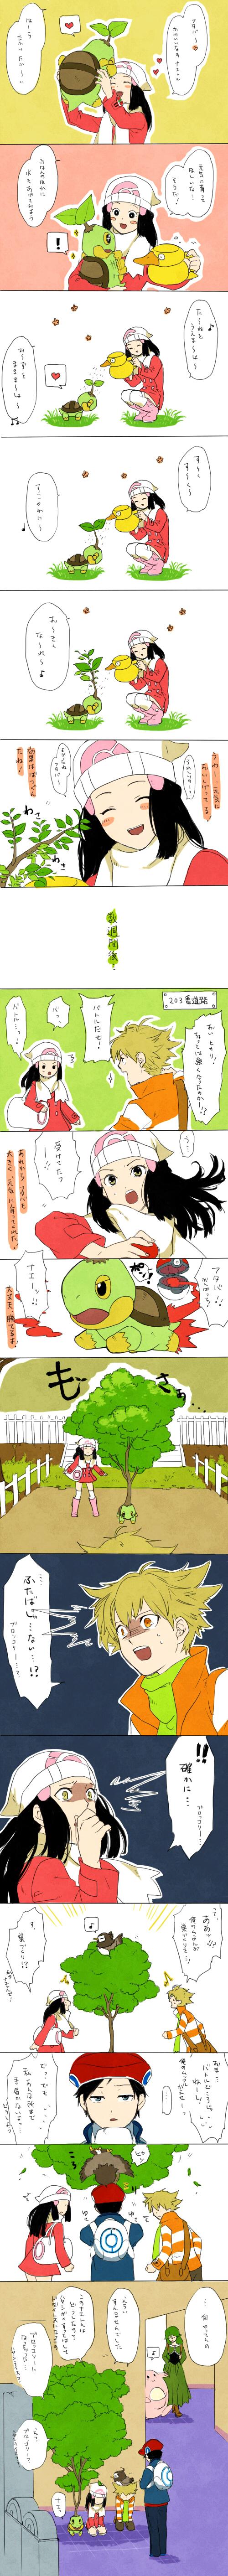 chansey highres hikari_(pokemon) hikari_(pokemon)_(remake) jun_(pokemon) jun_(pokemon)_(remake) kouki_(pokemon) kouki_(pokemon)_(remake) momi_(pokemon) pokemon pokemon_(creature) pokemon_(game) pokemon_dppt scarf smile starly tree turtwig winter_clothes yorozuame